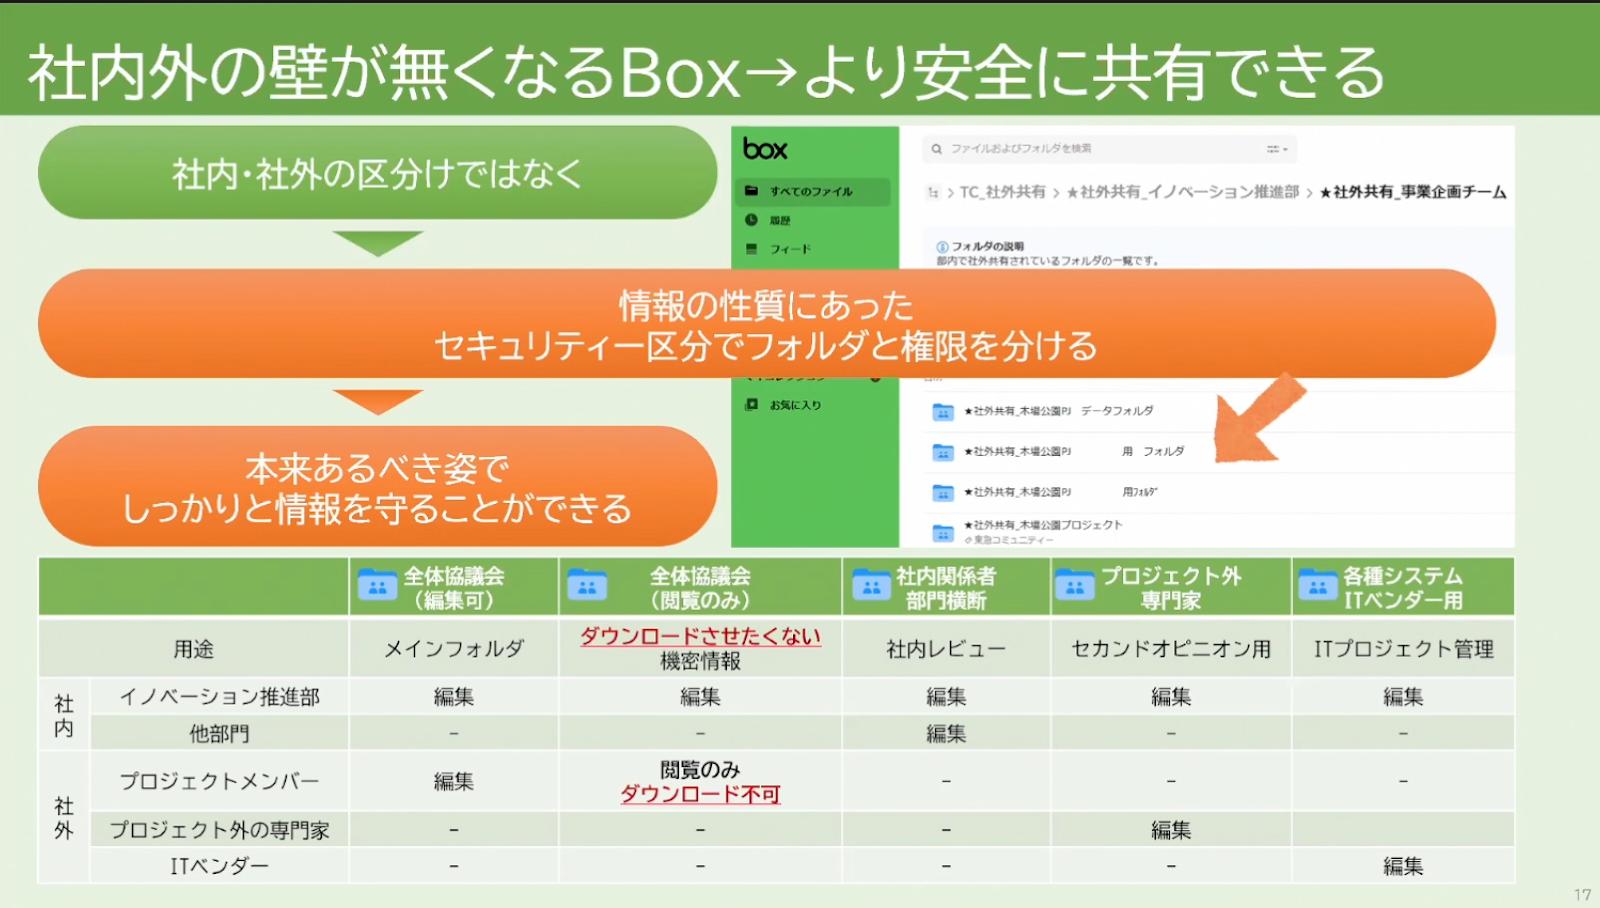 ファイルサーバーとメール添付では実現できないプロジェクト資料共有